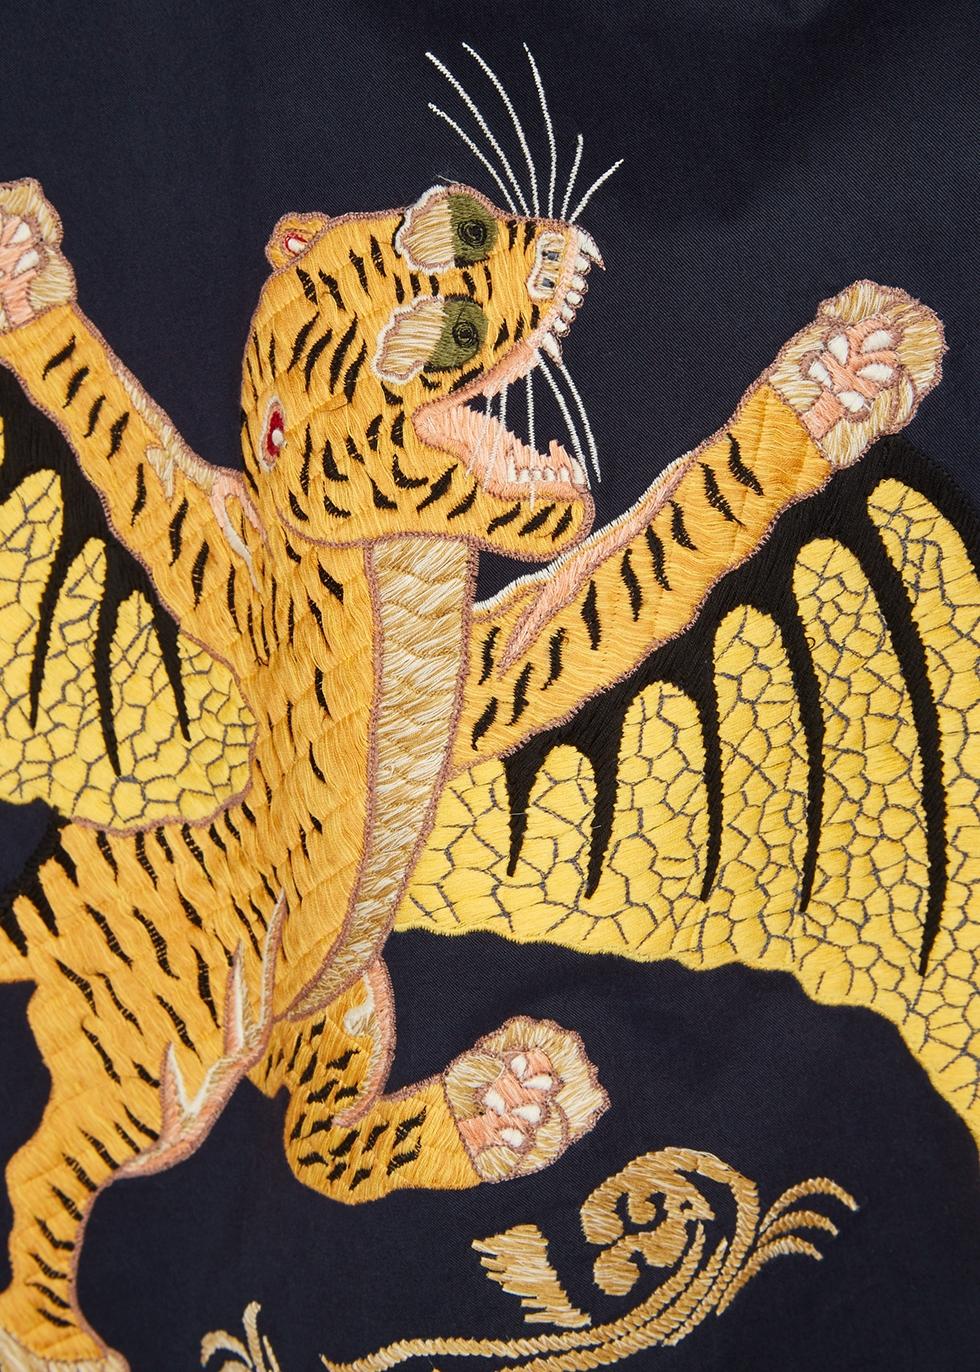 Wise Tygers navy cotton shirt - maharishi